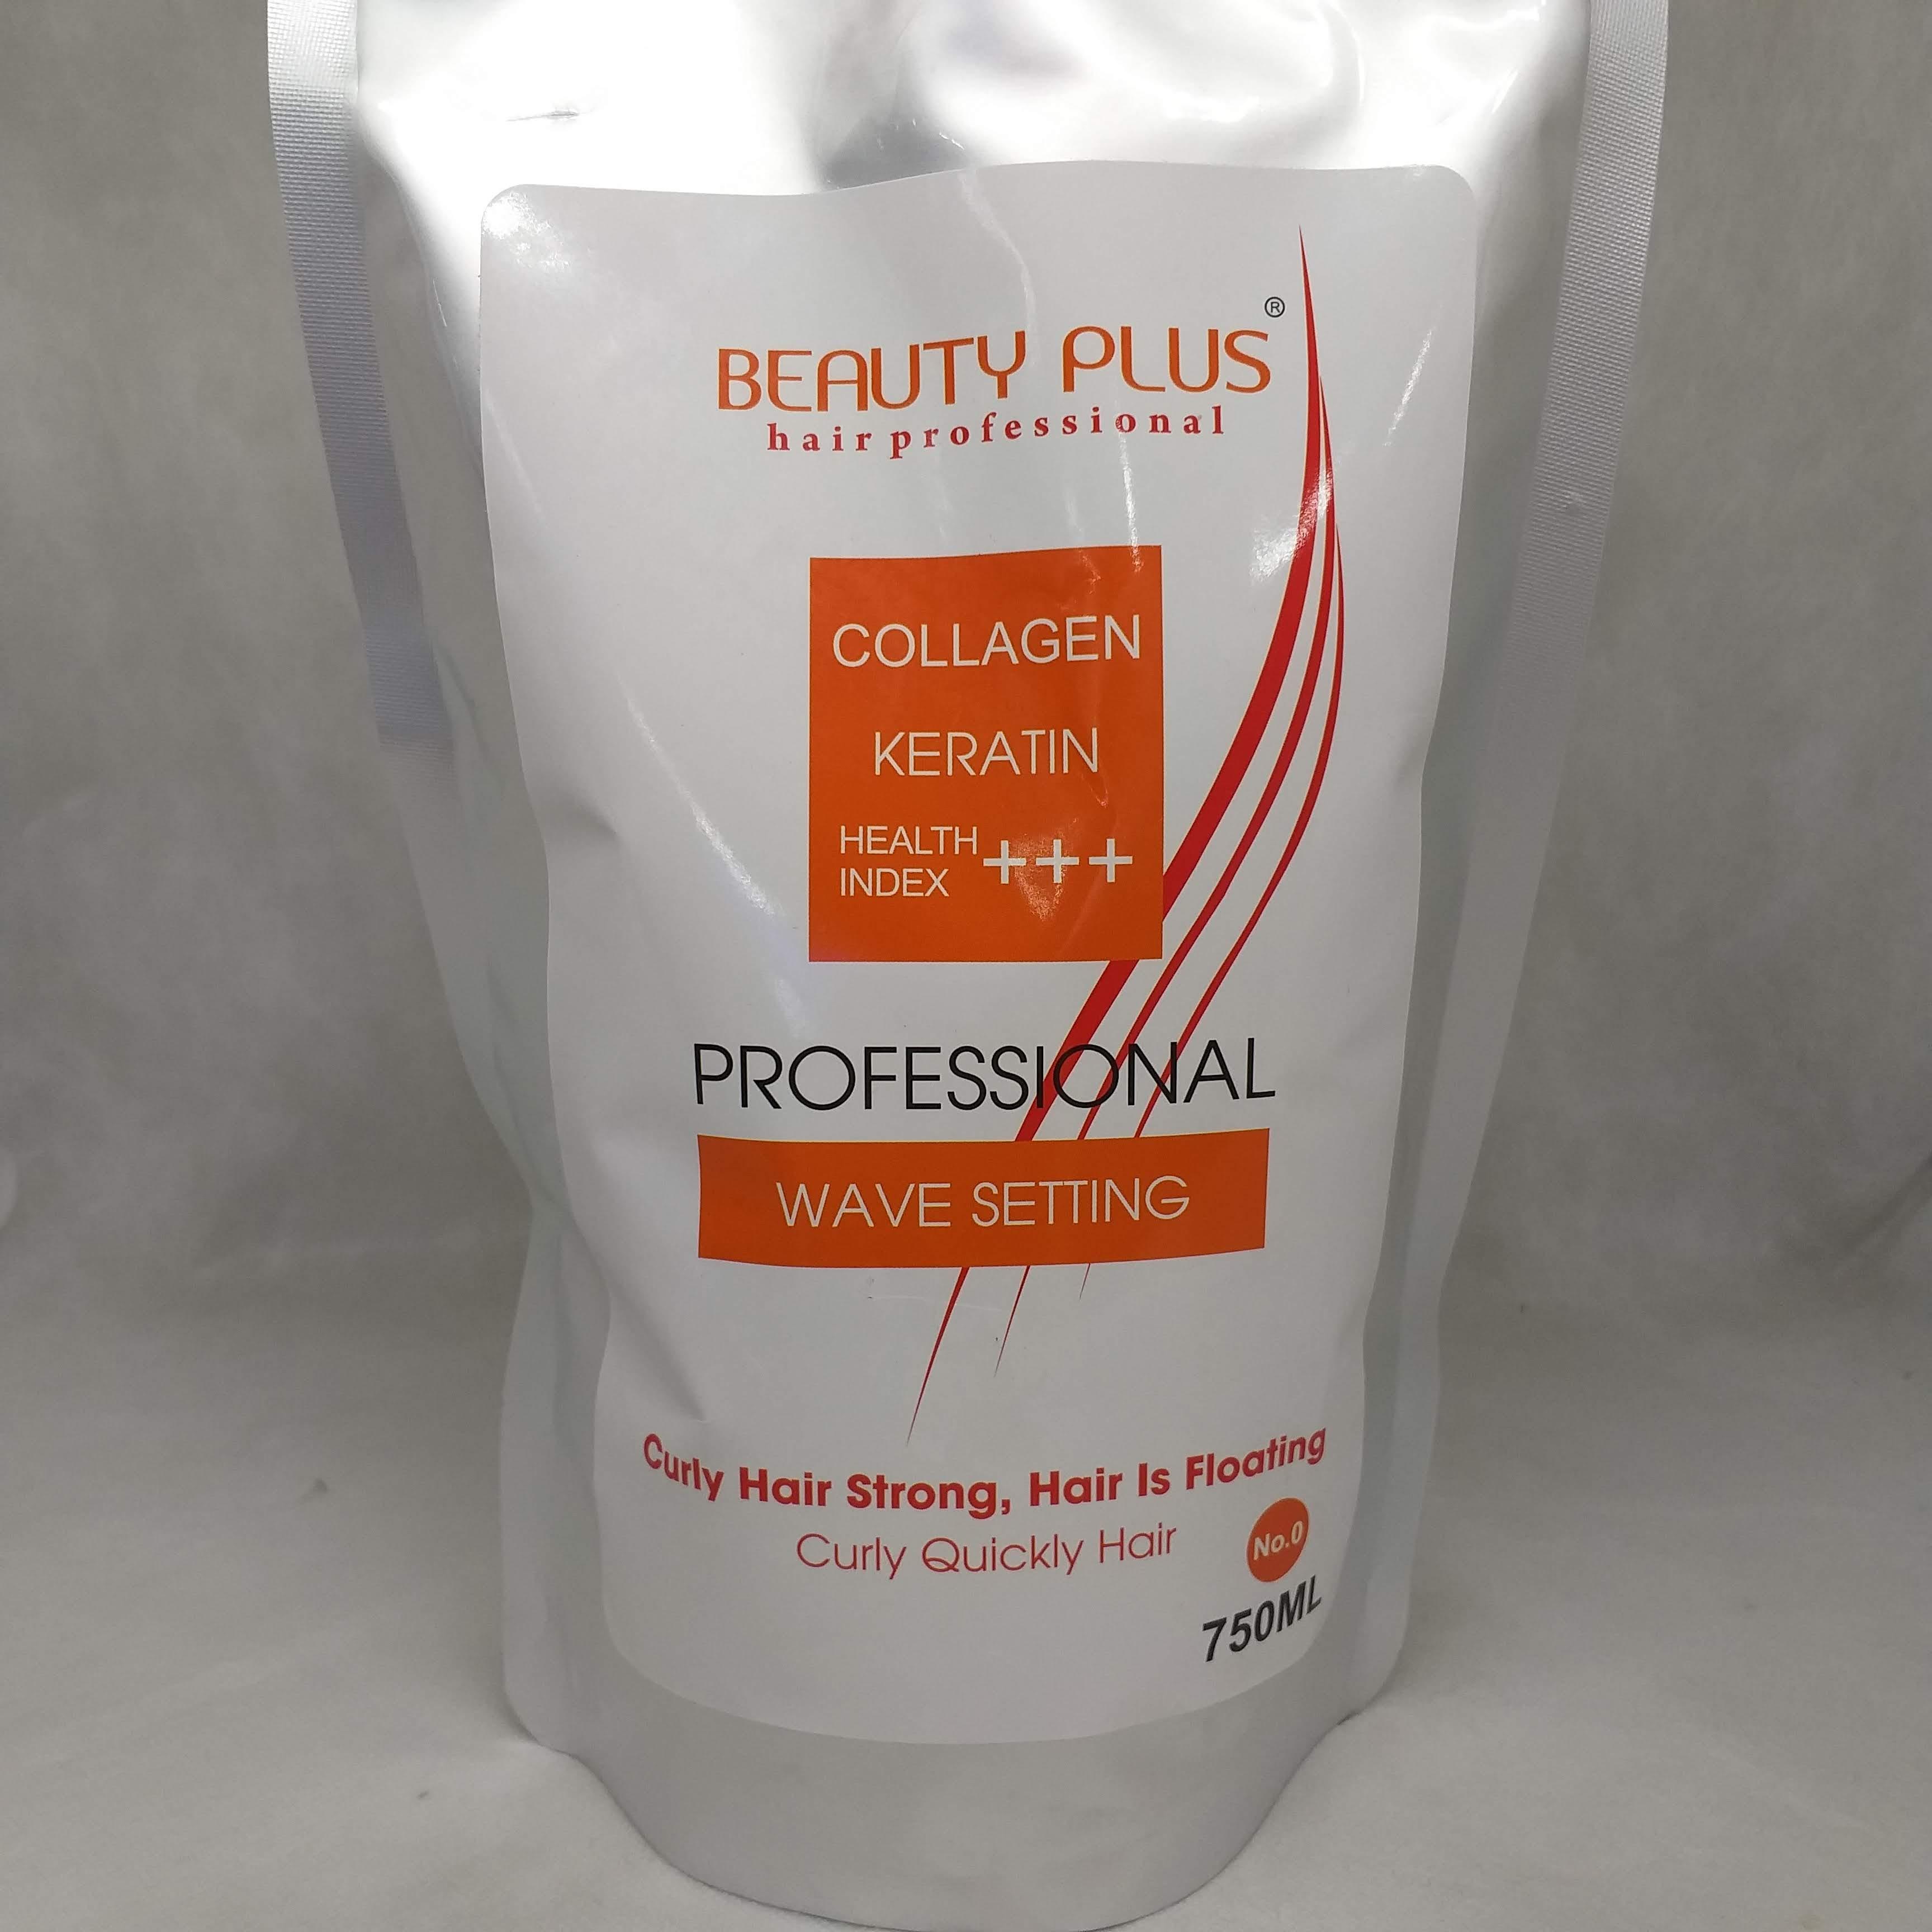 Kem uốn nóng Beauty  Plus 750ml tóc khỏe chính hãng